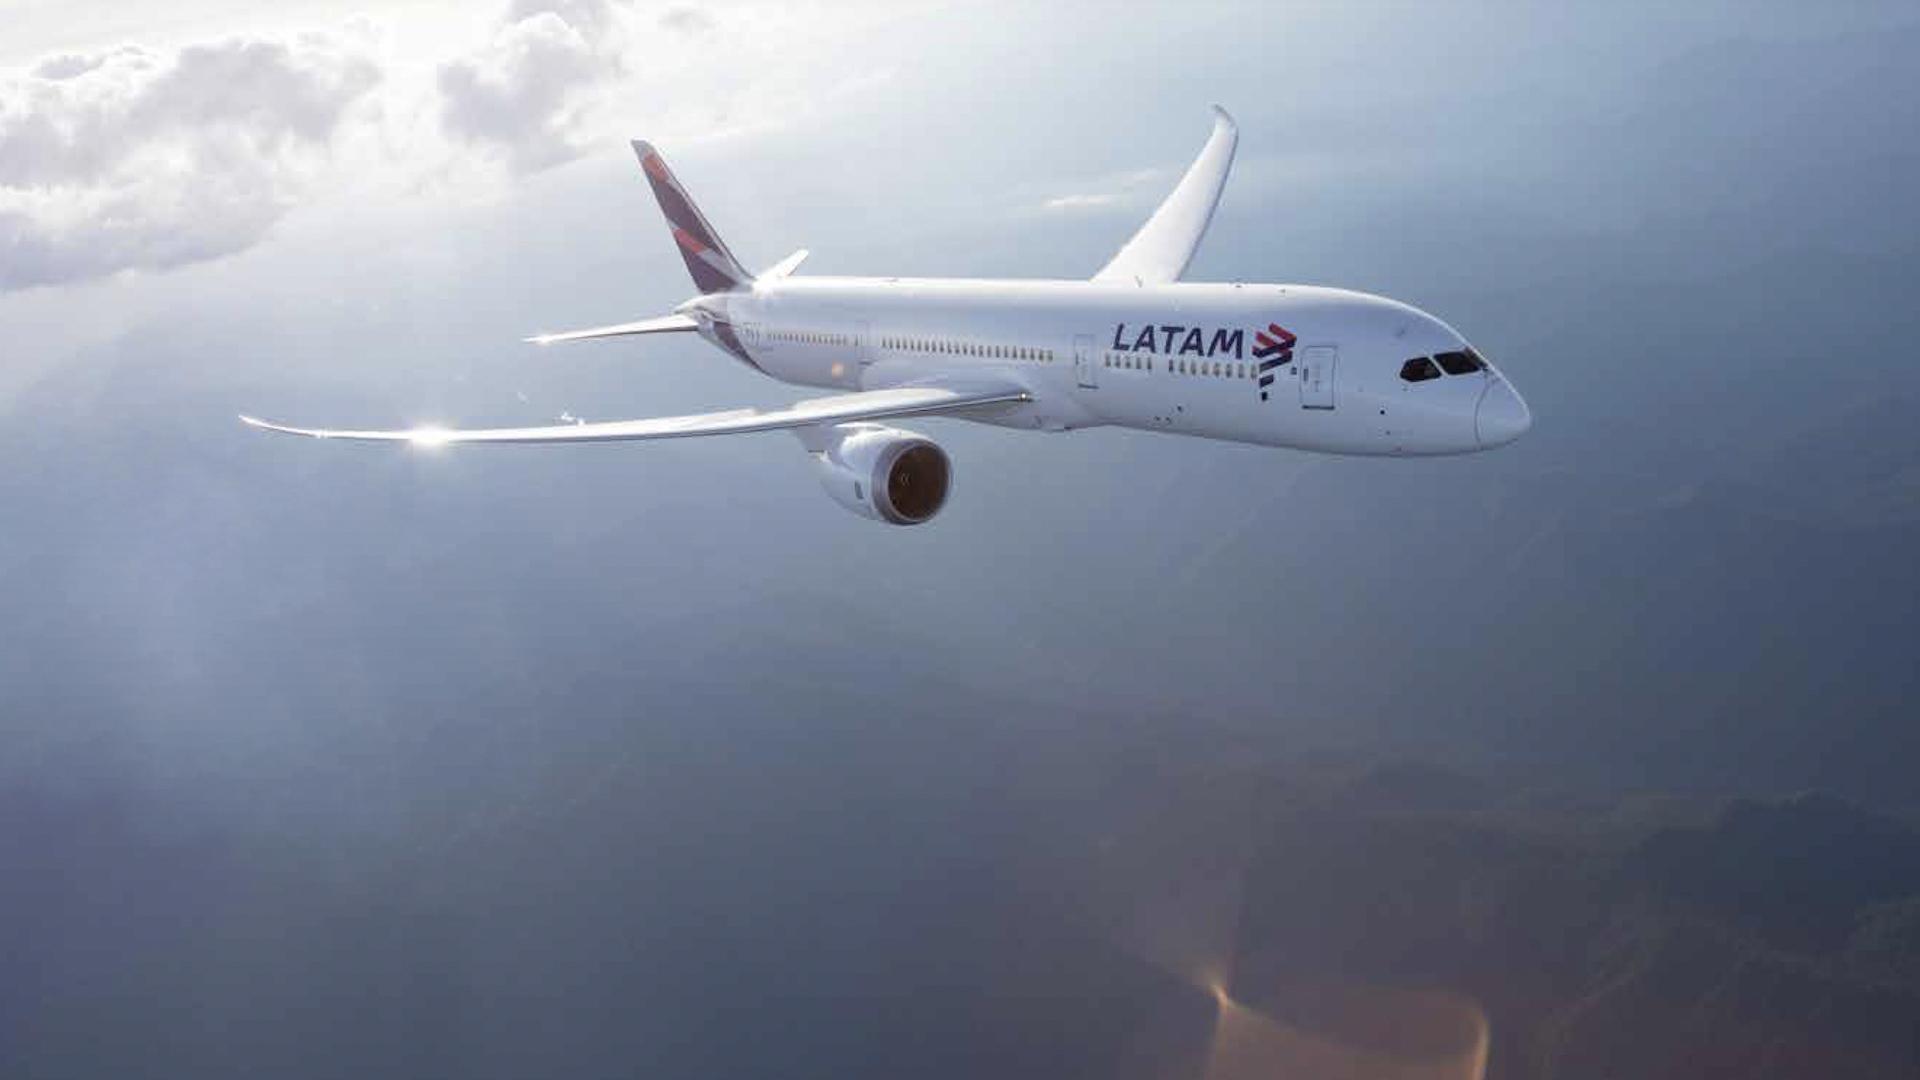 ¿Qué pasa con los vuelos de LATAM en Argentina? ¿Qué hacer?